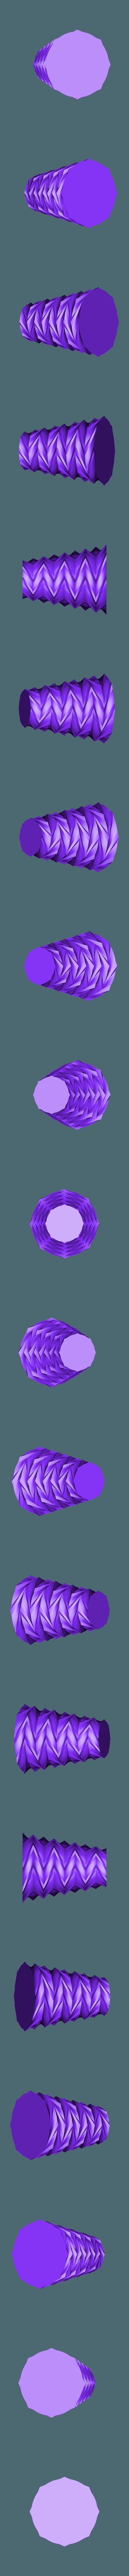 zigzag vase v1.stl Télécharger fichier STL gratuit vase en zigzag v1 • Design pour imprimante 3D, Brithawkes